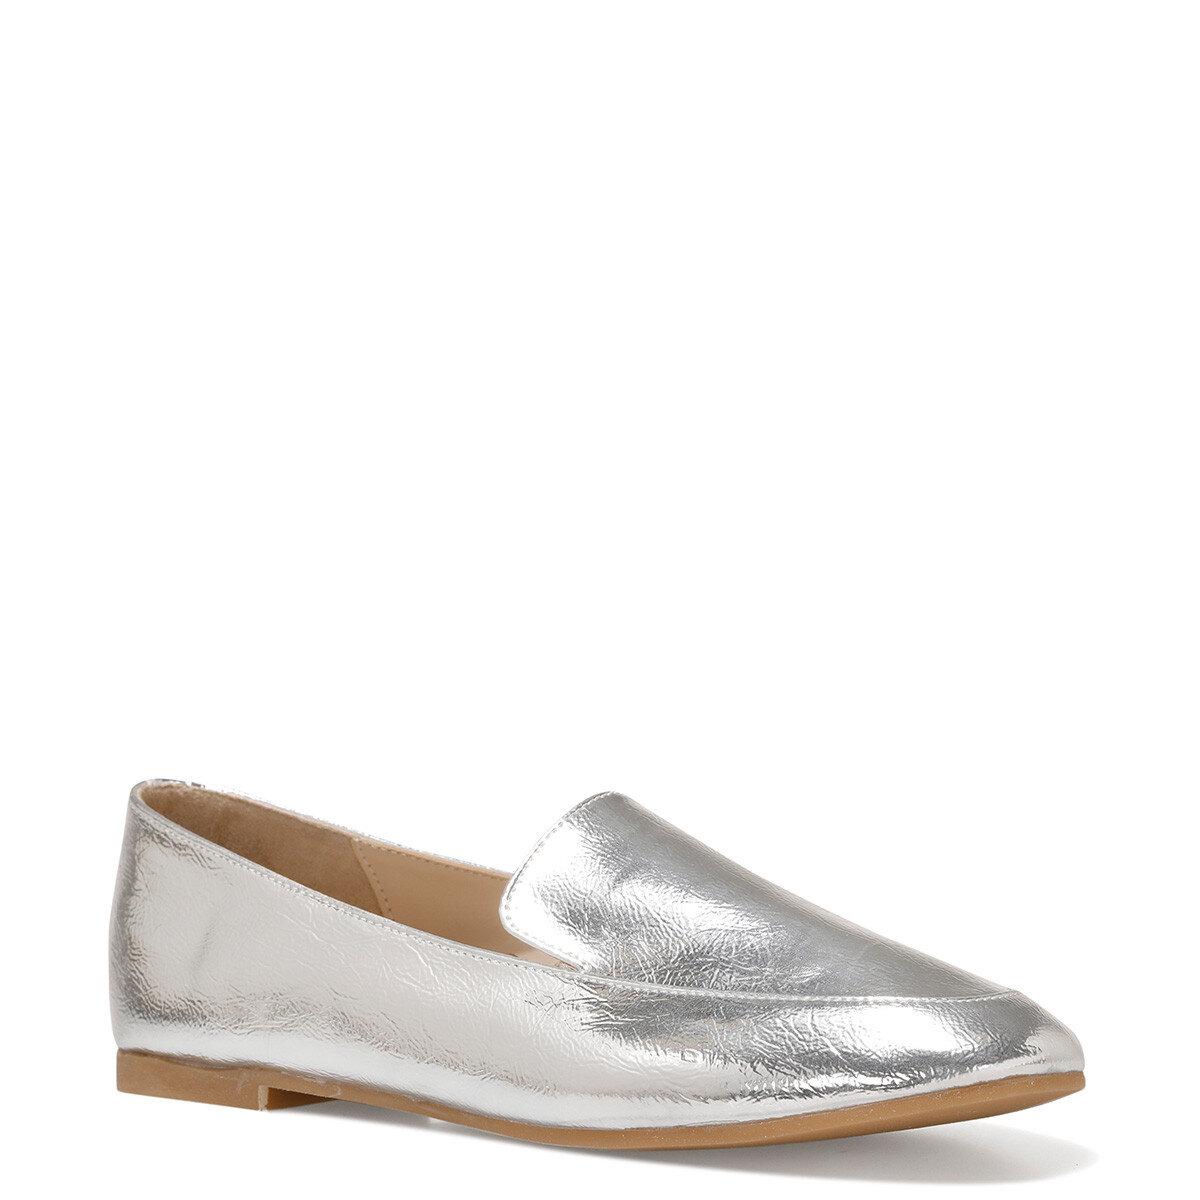 LEFUR Gümüş Kadın Loafer